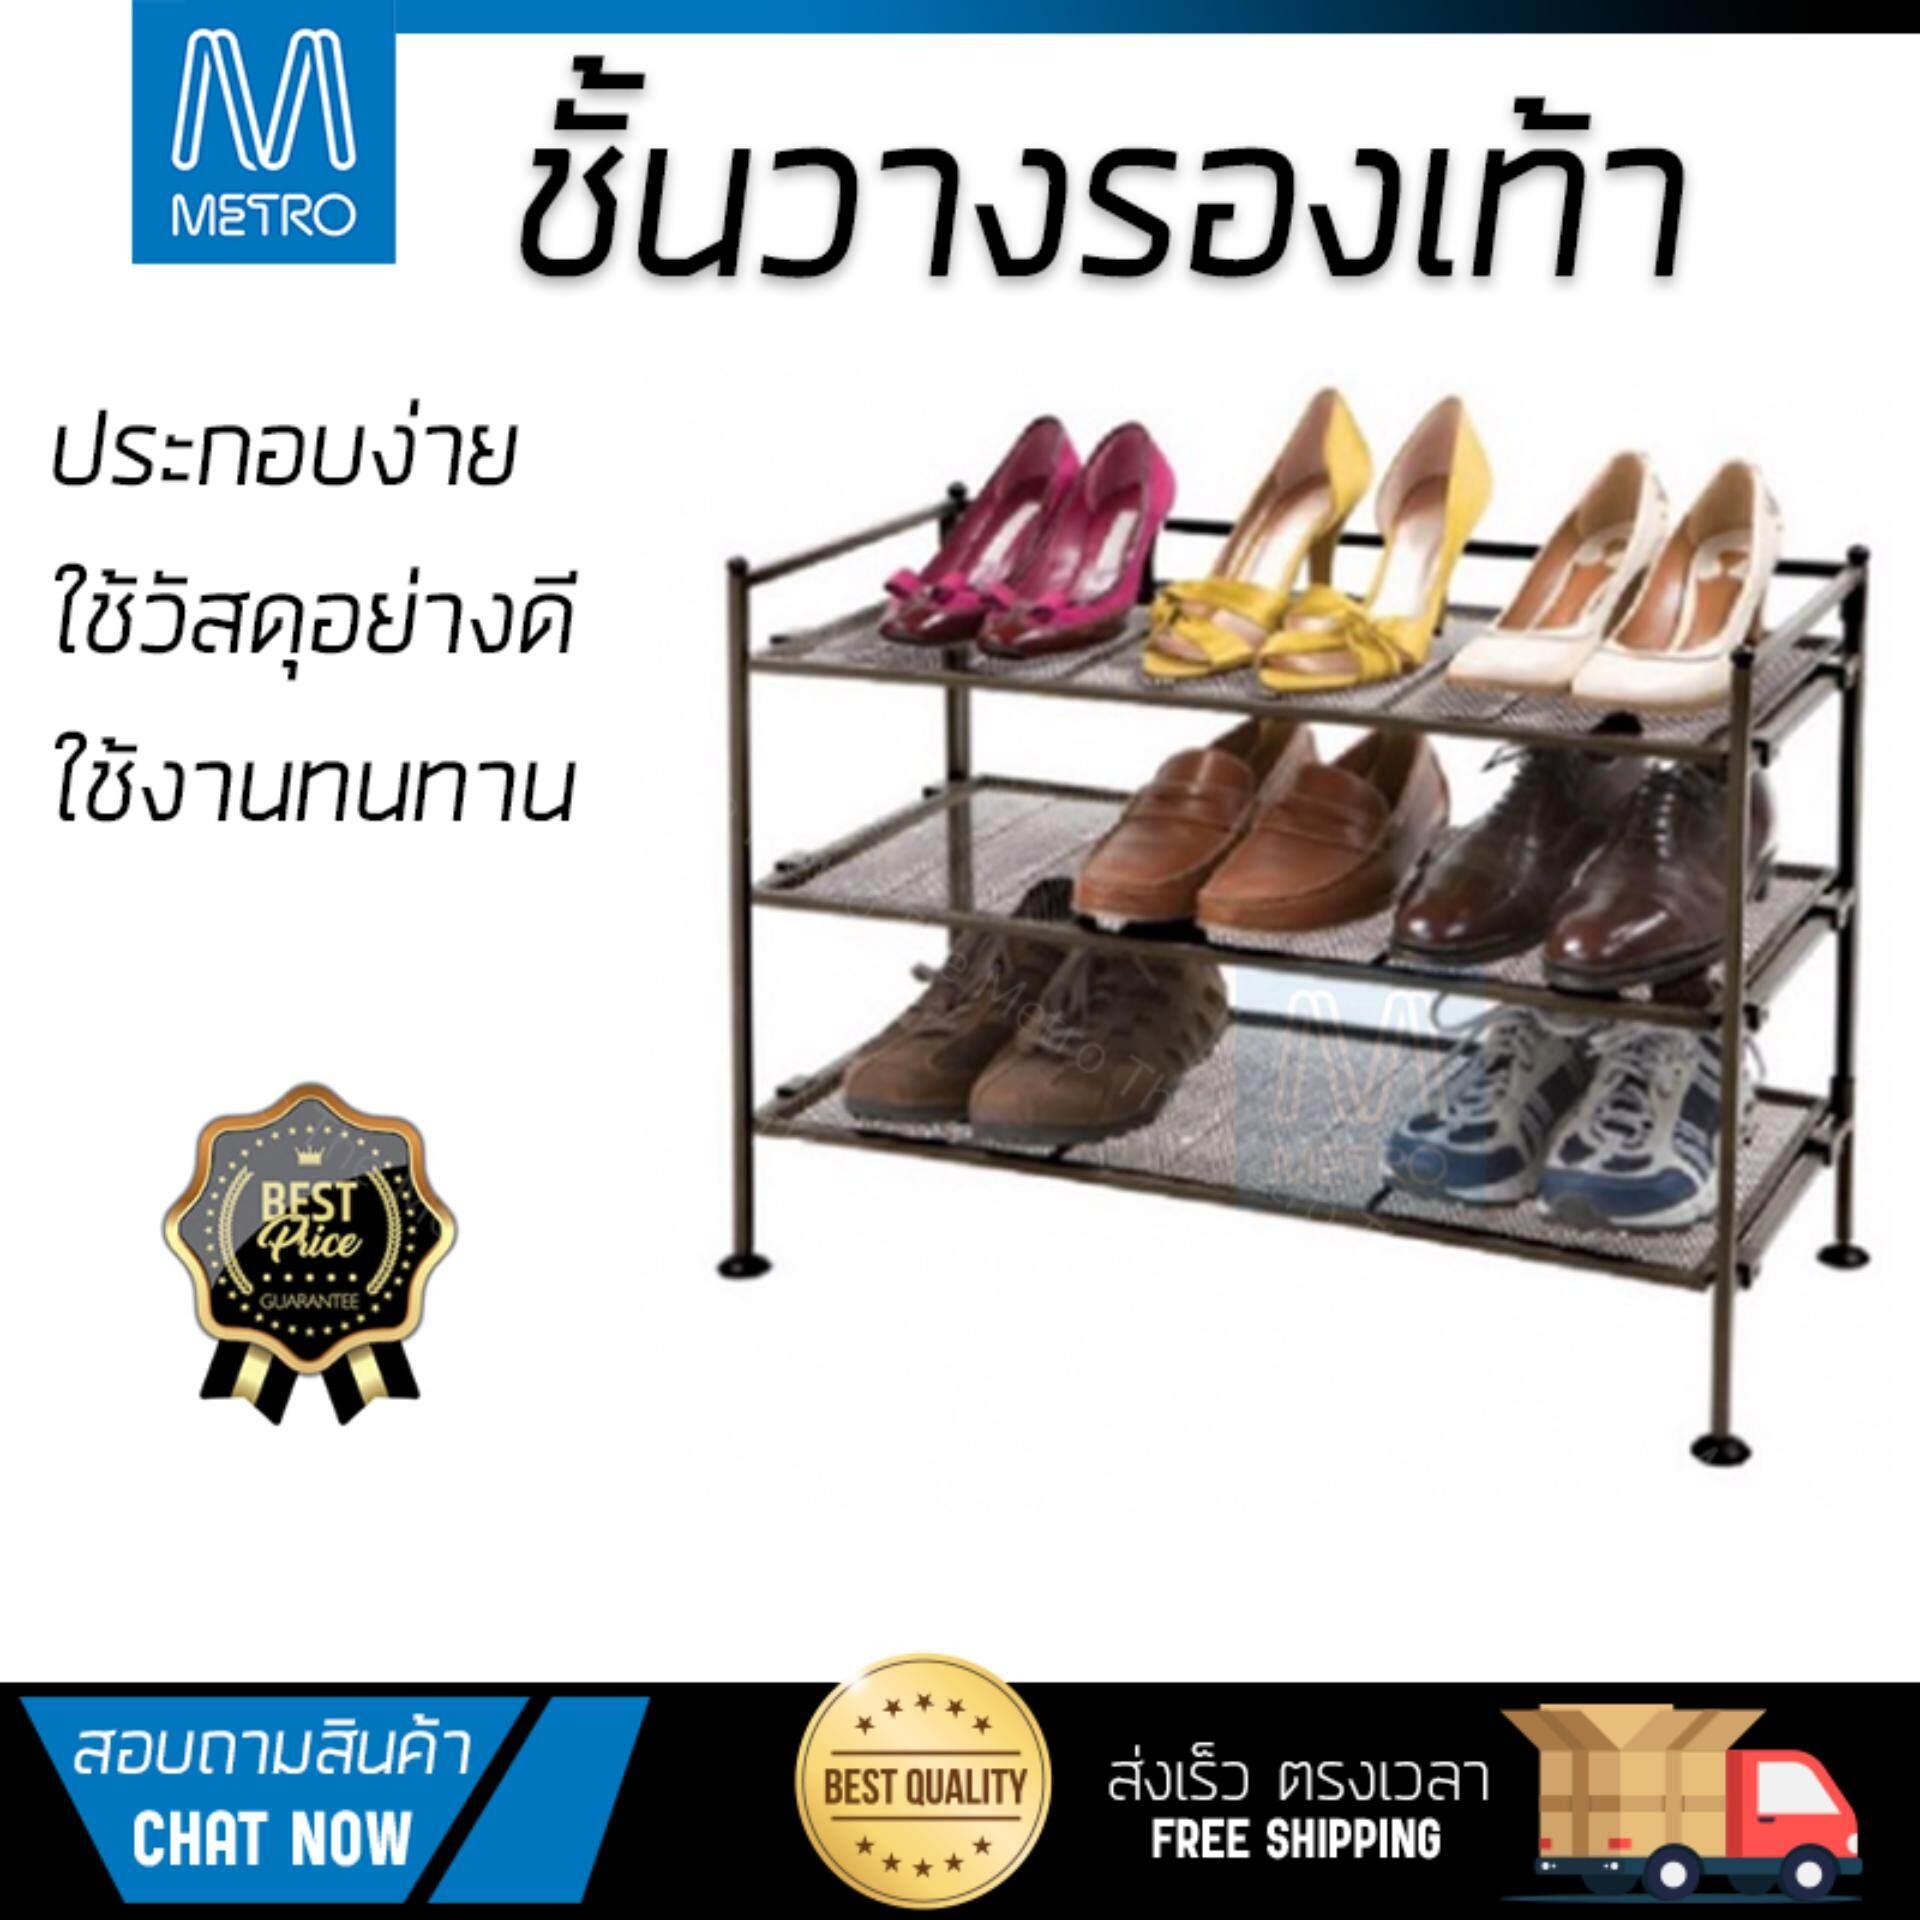 เก็บเงินปลายทางได้ โปรโมชัน ชั้นวางรองเท้า ตู้เก็บรองเท้า ชั้นวางรองเท้า 3 ชั้น SHE15909 น้ำตาล  SEVILLE  SHE15909 ช่วยเพิ่มความเป็นระเบียบ ใช้วัสดุอย่างดี ทนทาน อายุการใช้งานเกิน 10 ปี ชั้นรองเท้า Sh